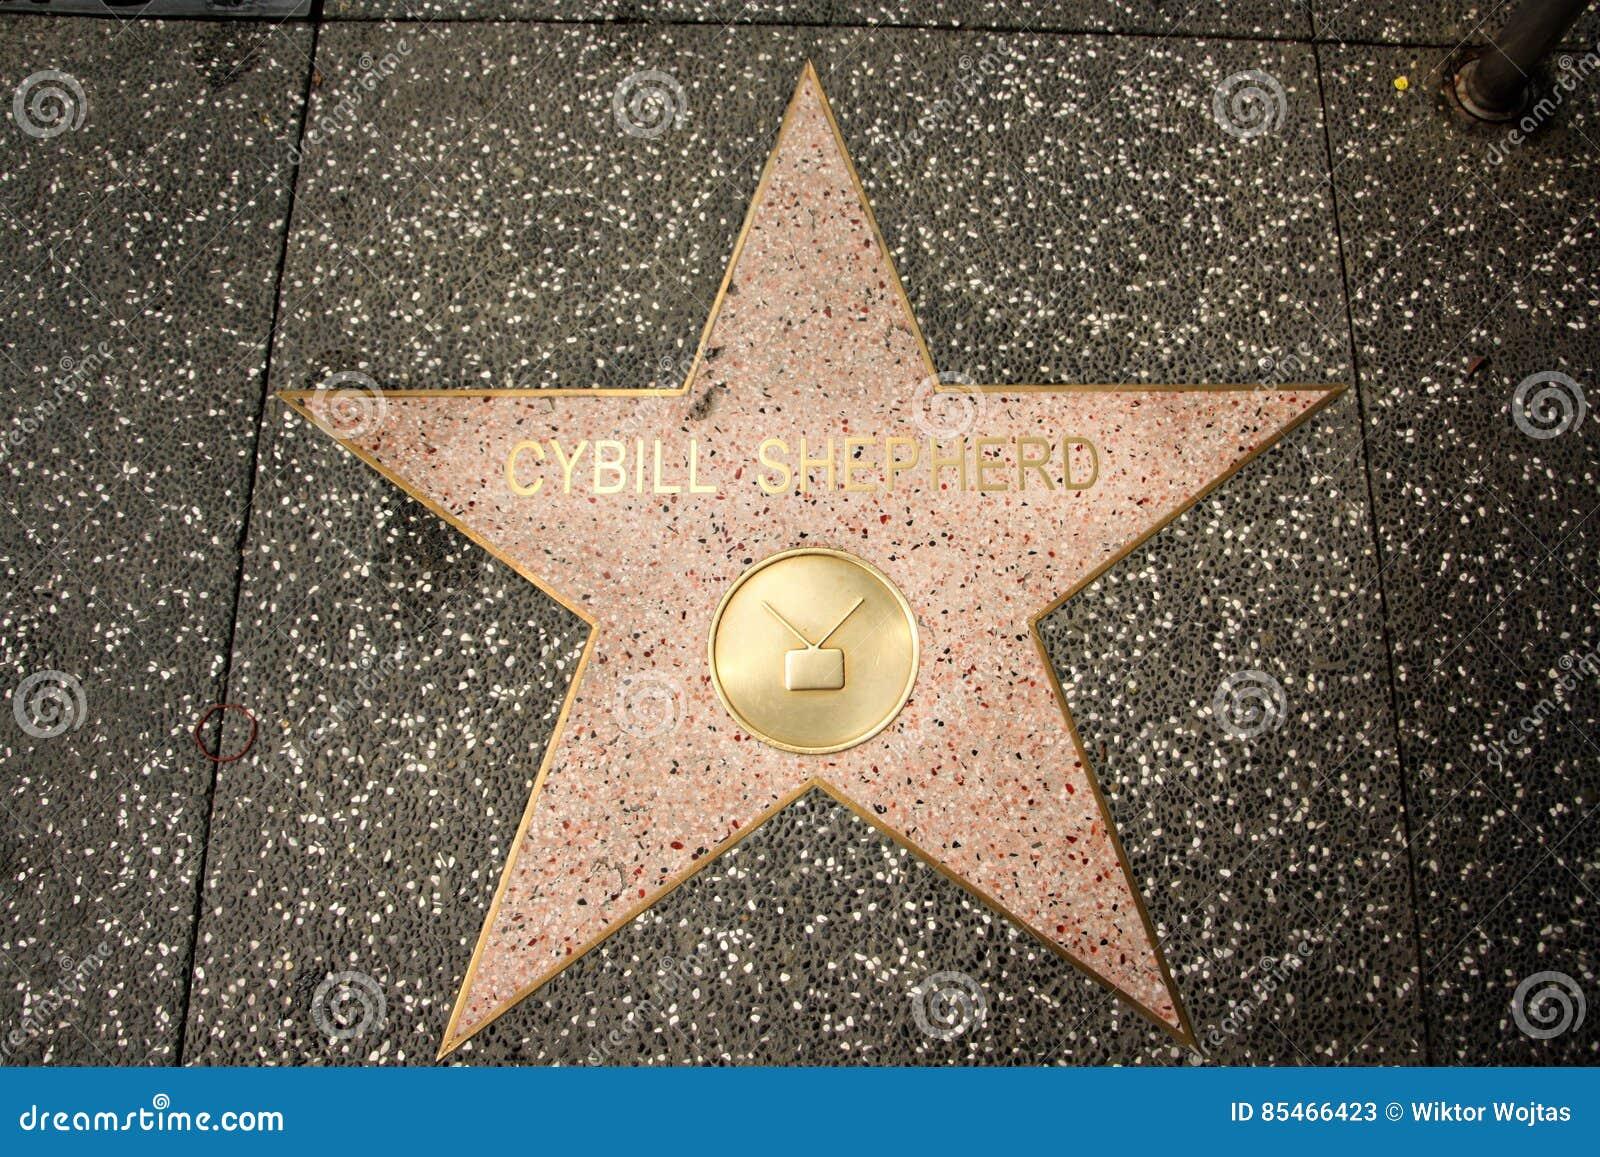 Paseo de la fama - Cybill Shepherd de Hollywood